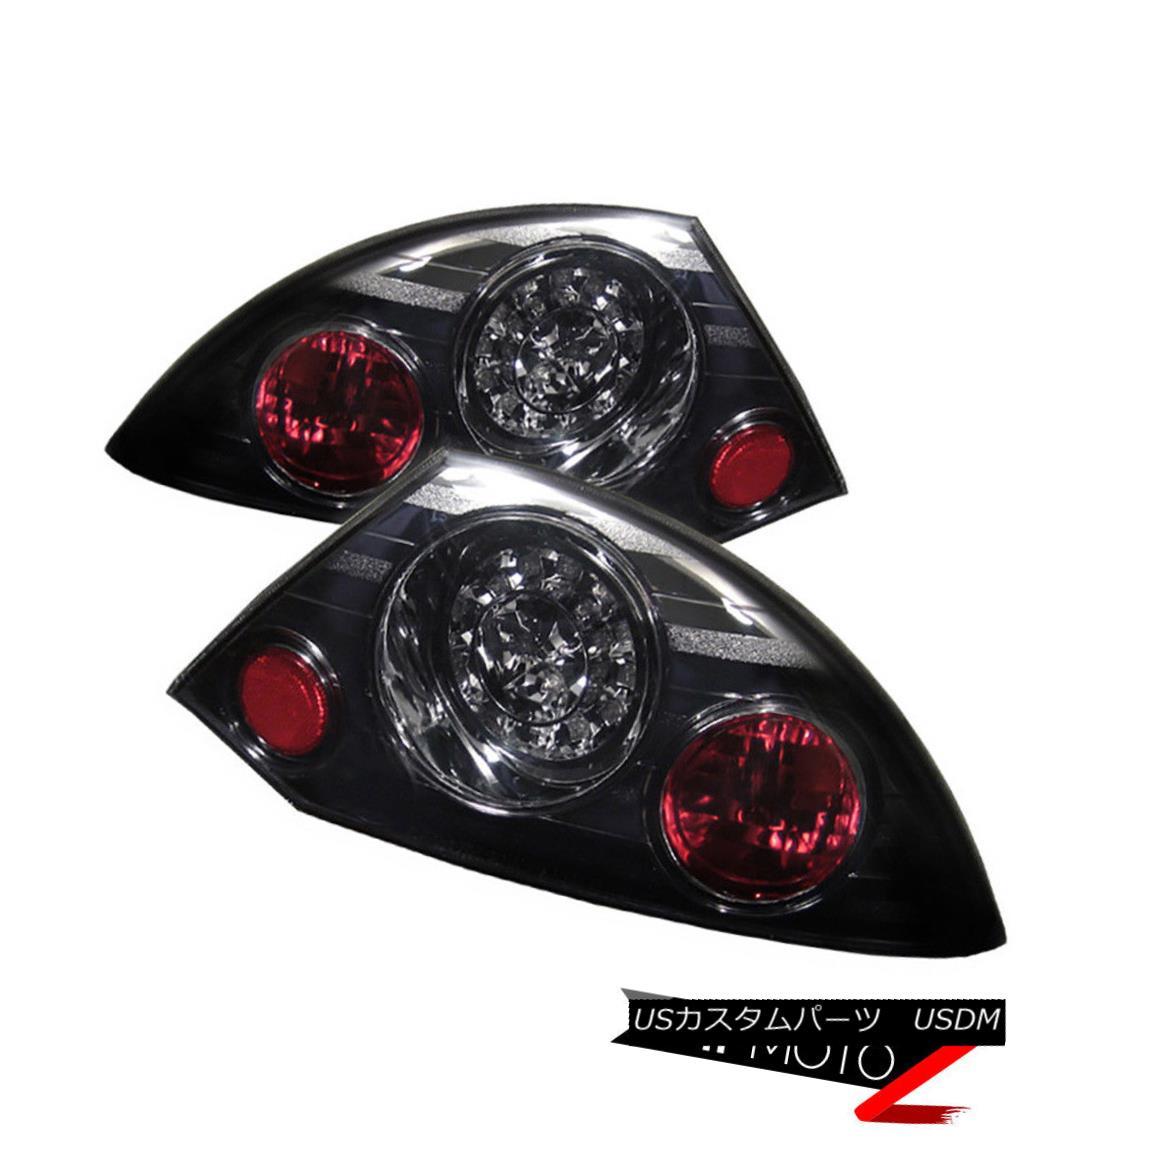 テールライト 2000-2002 Eclipse GT/RS/SPYDER Turbo AWD Left+Right LED Tail Light Brake Lamp 2000-2002 Eclipse GT / RS / SPYDERターボAWD左+右LEDテールライトブレーキランプ